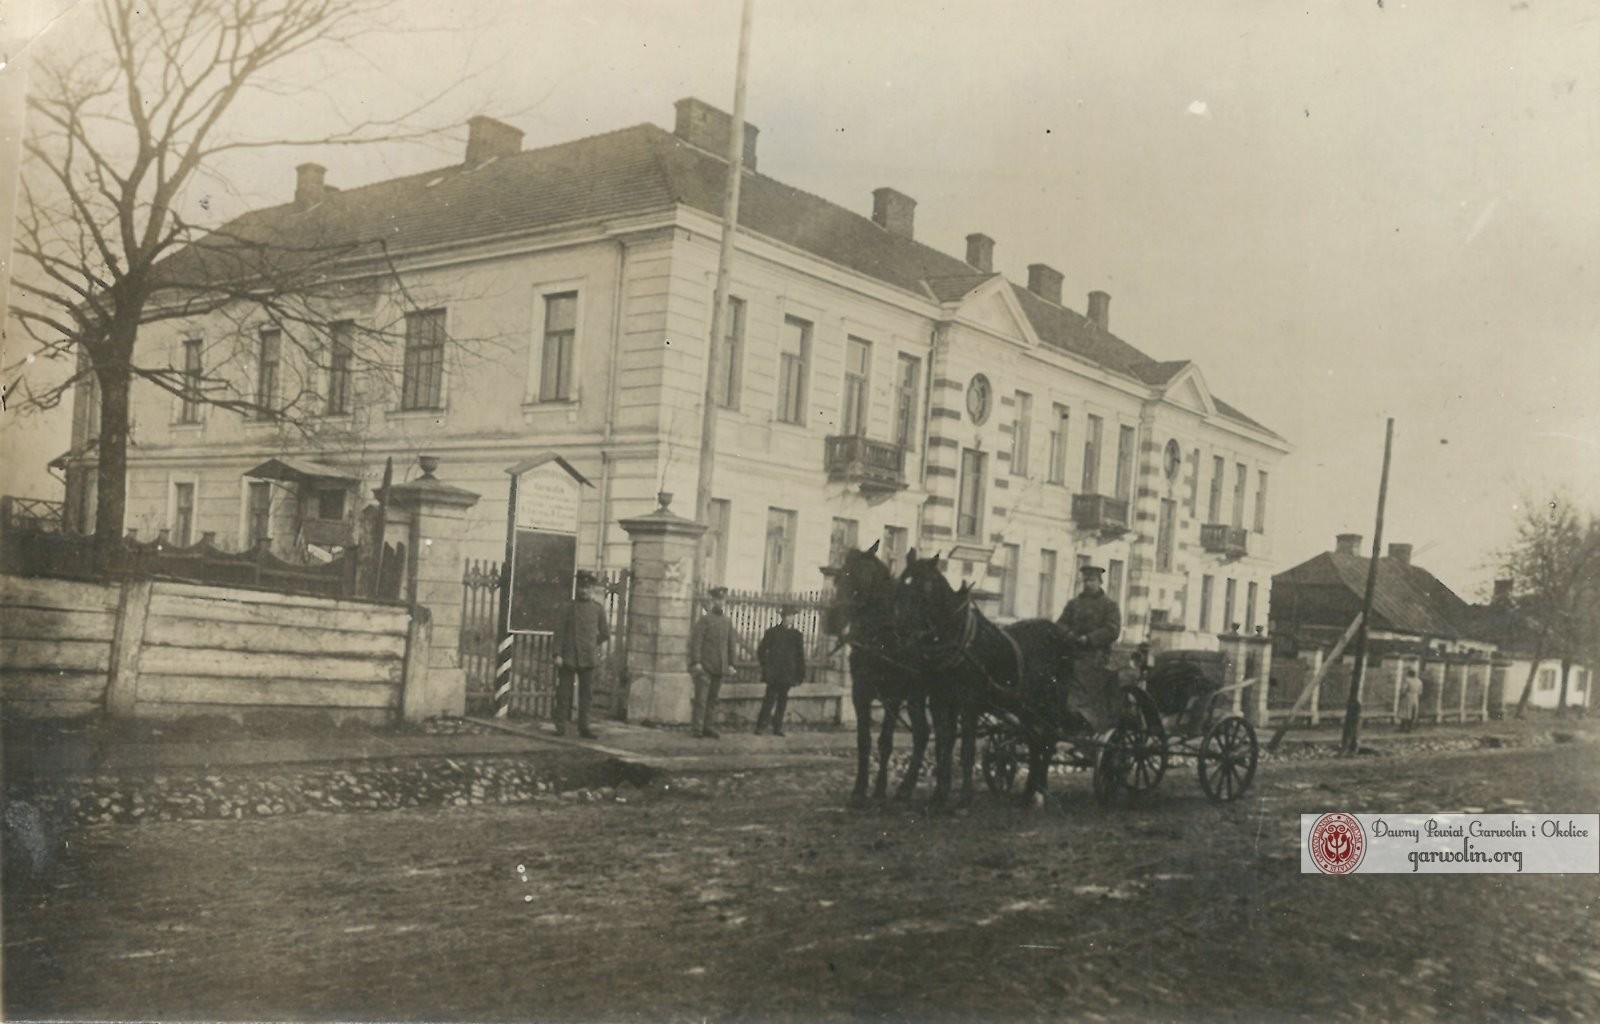 Budynek Urzędu Miasta Garwolina. Zdjęcie pochodzące z początku XX wieku ze zbiorów Łukasza Żaka, źródło Garwolin.org